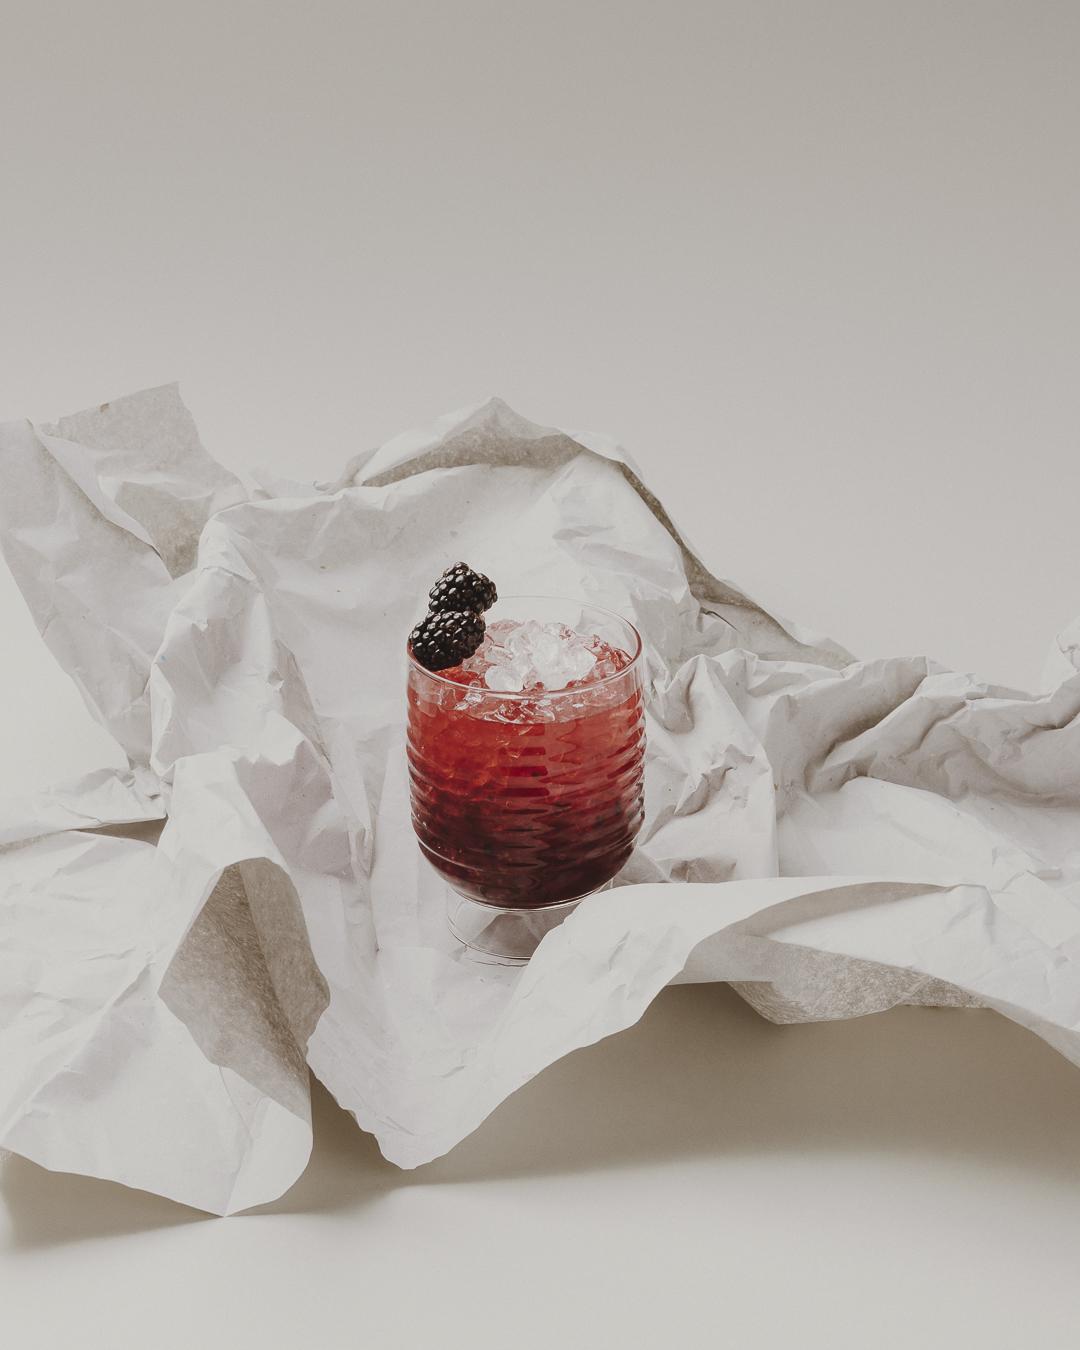 Brennerei-Ehringhausen_Destillate_Drinks_Smashed Berry Korn-1.jpg